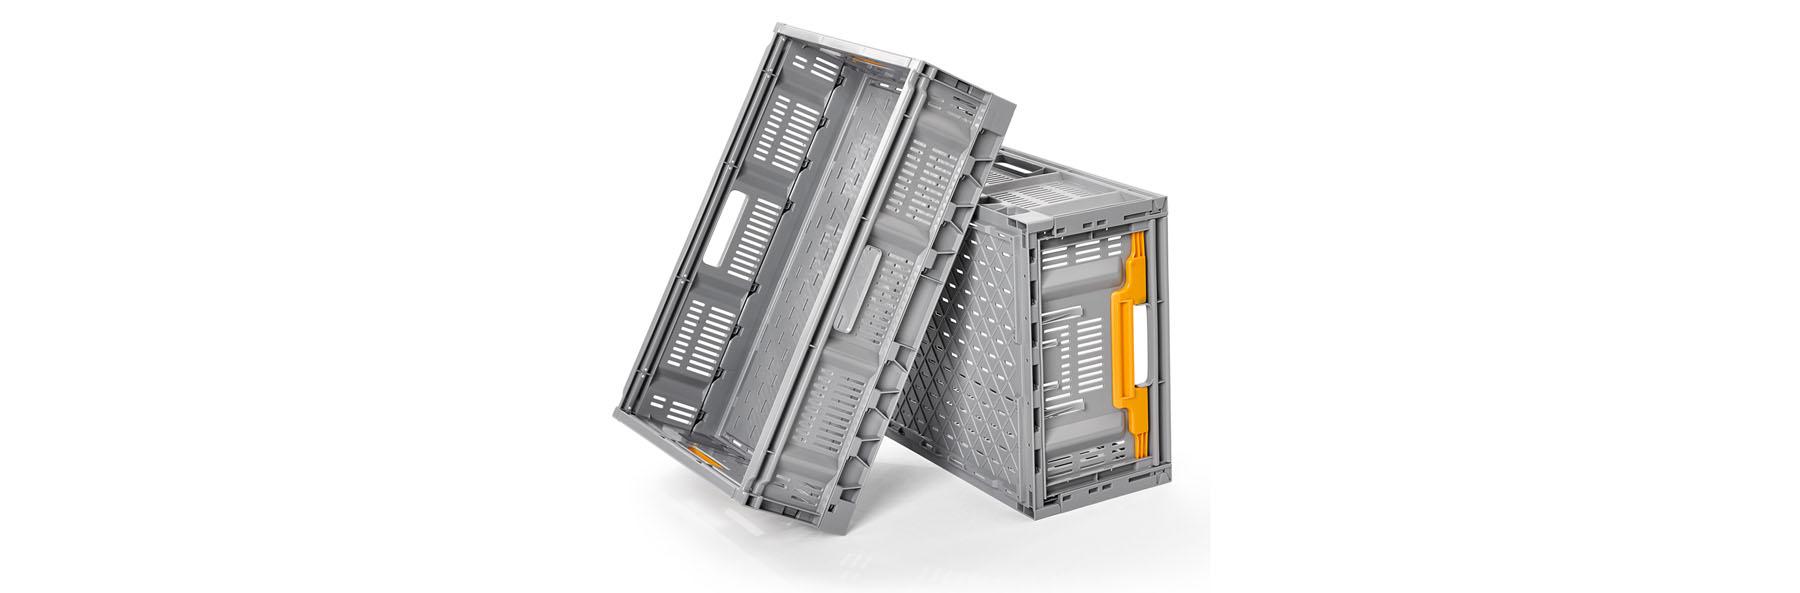 Folding Euro Boxes